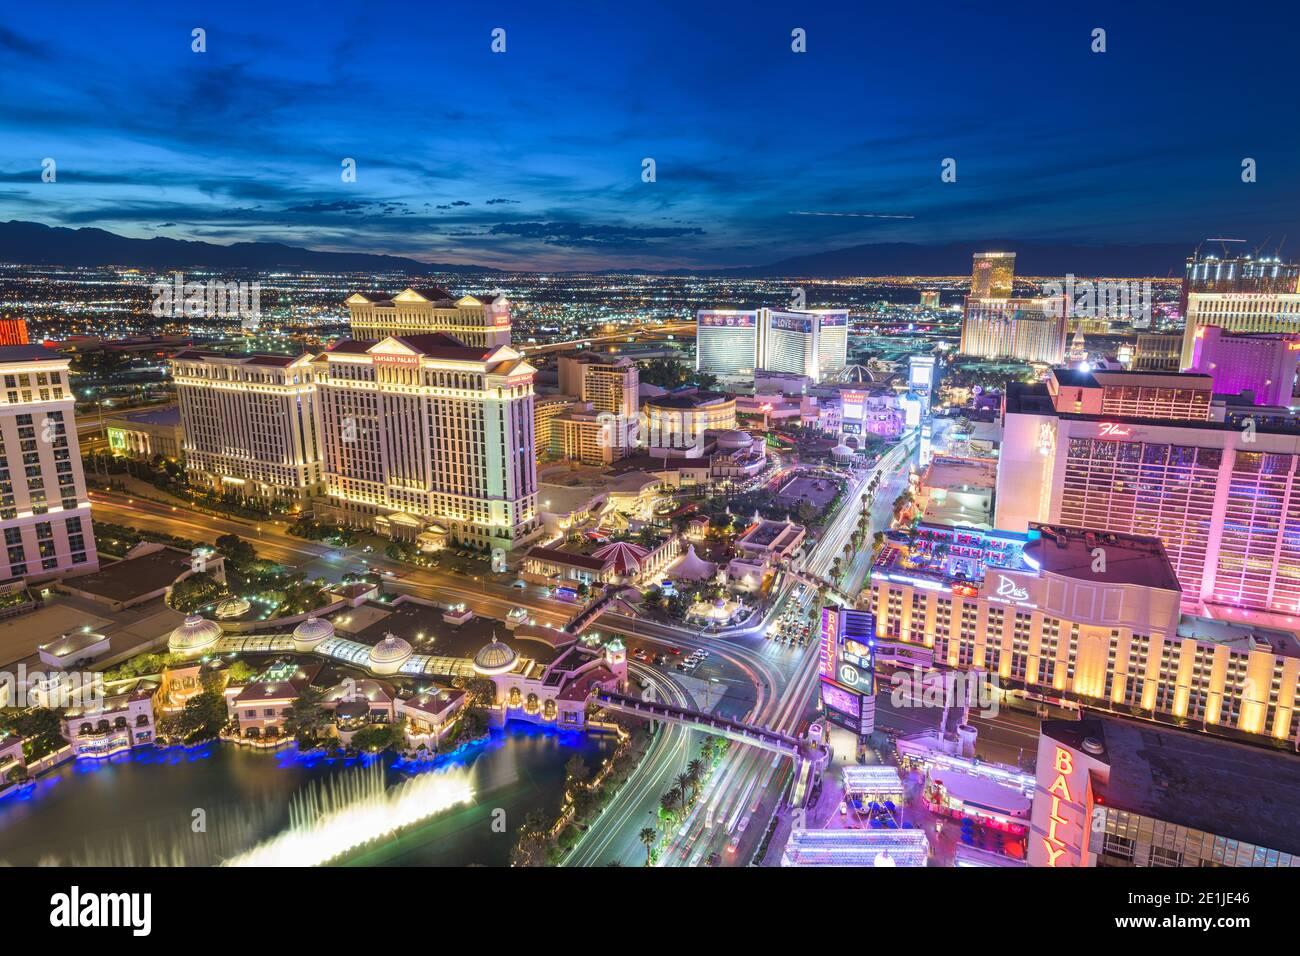 LAS VEGAS, NEVADA - 13. MAI 2019: Hotels und Kasinos entlang des Streifens in der Abenddämmerung. Stockfoto